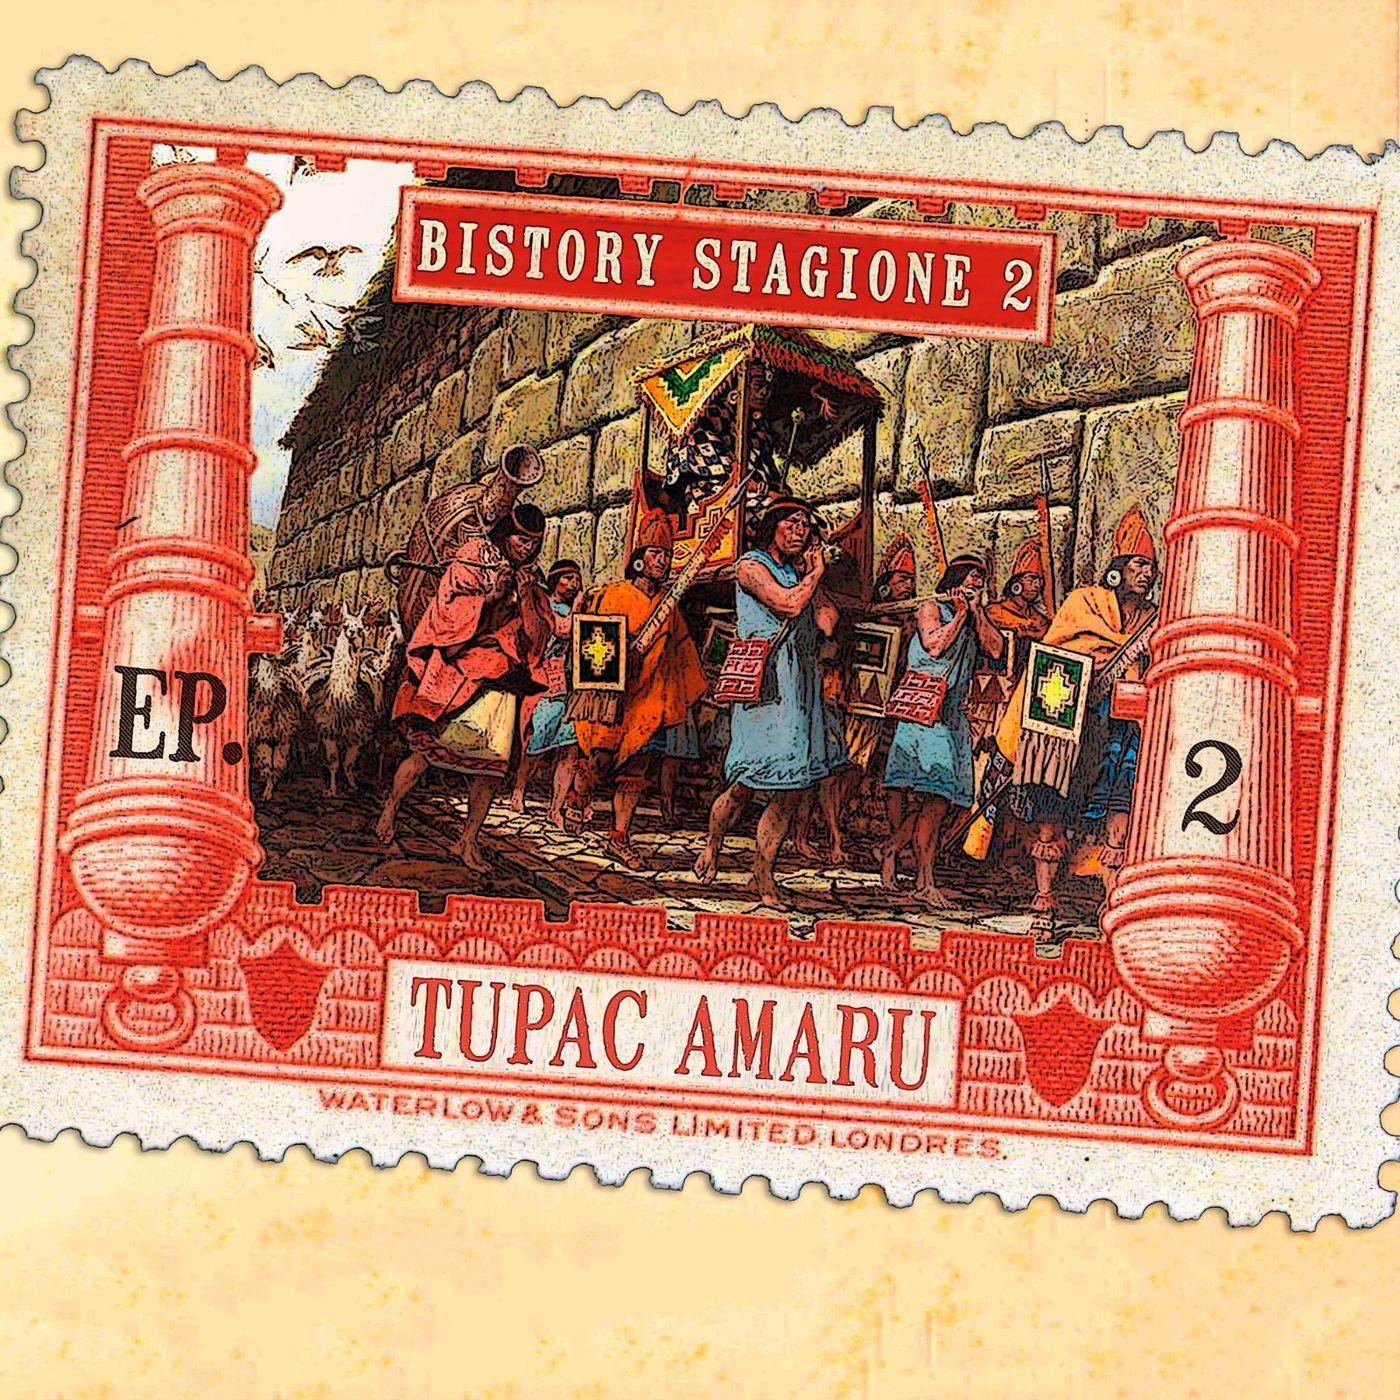 Bistory S02E02 Tupac Amaru